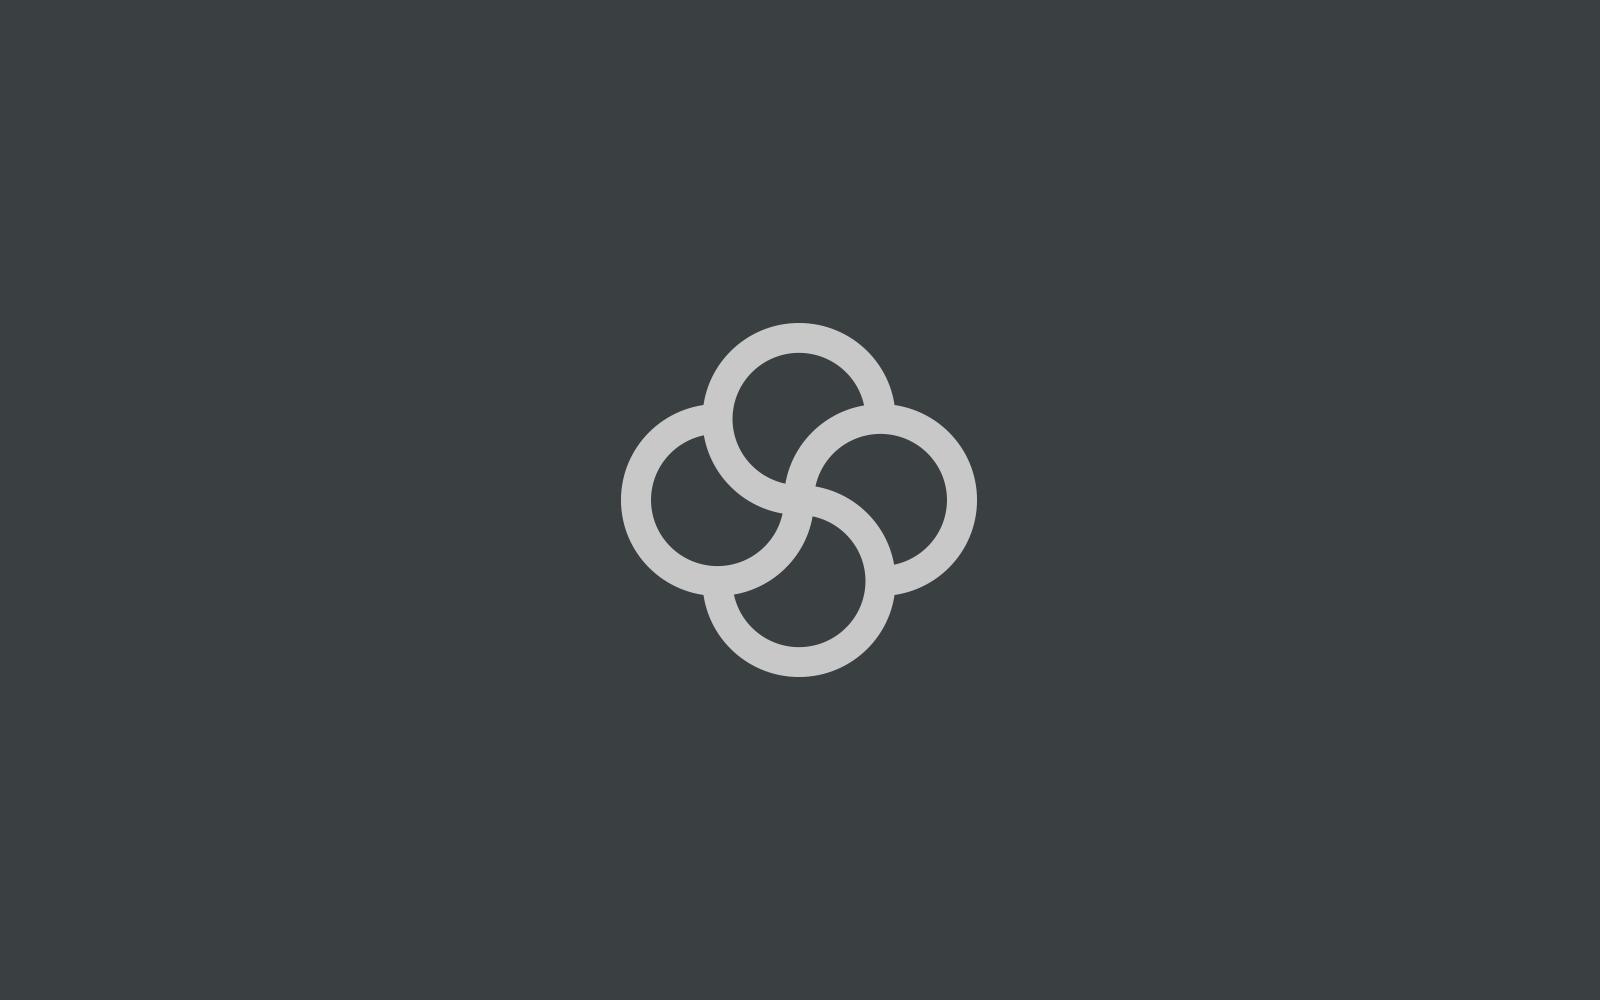 logo_1600p_bluete